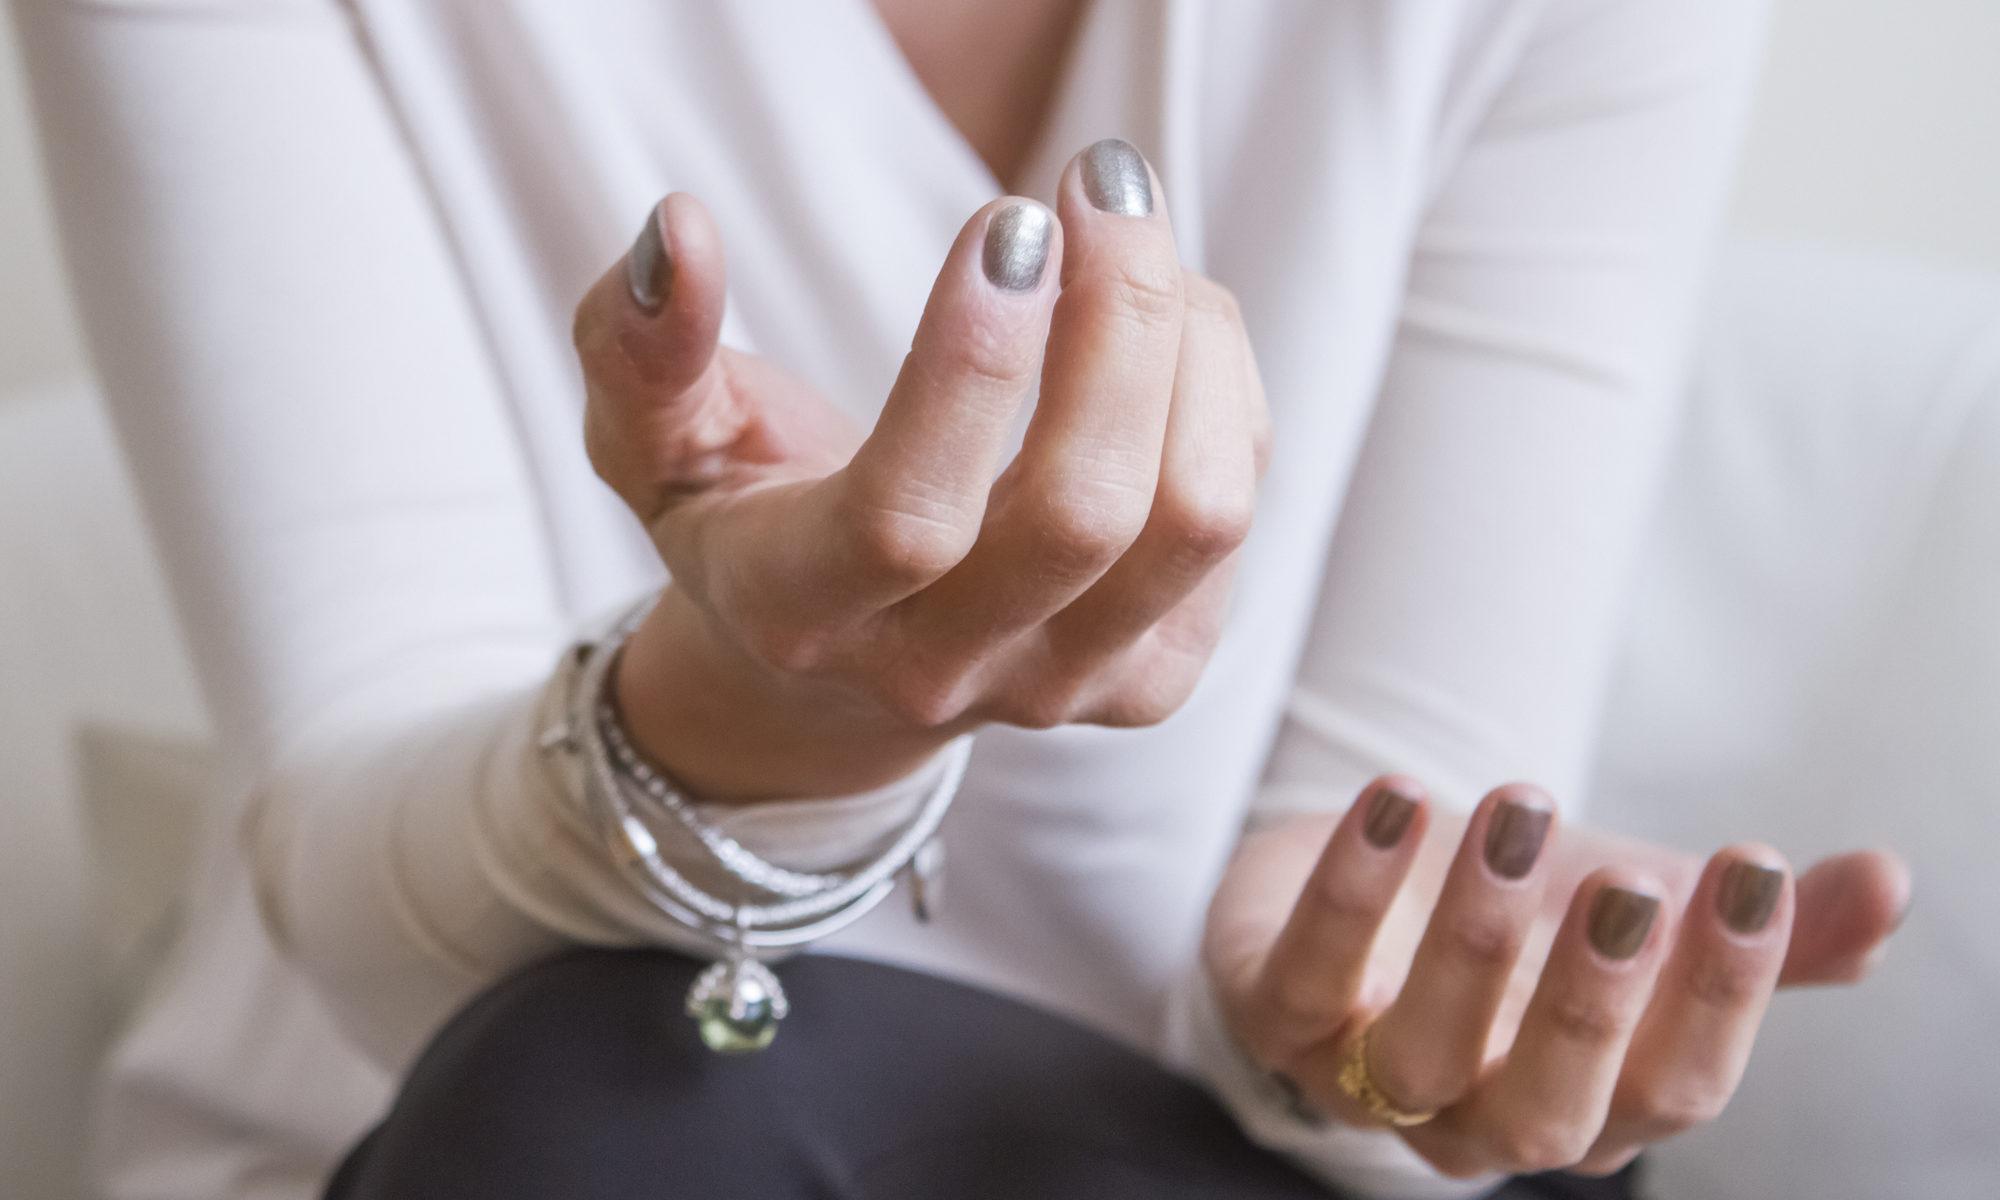 dettaglio - mani - psicologa - psicoterapeuta - Biella - di cosa mi occupo - colloquio - psicoterapia - ascolto